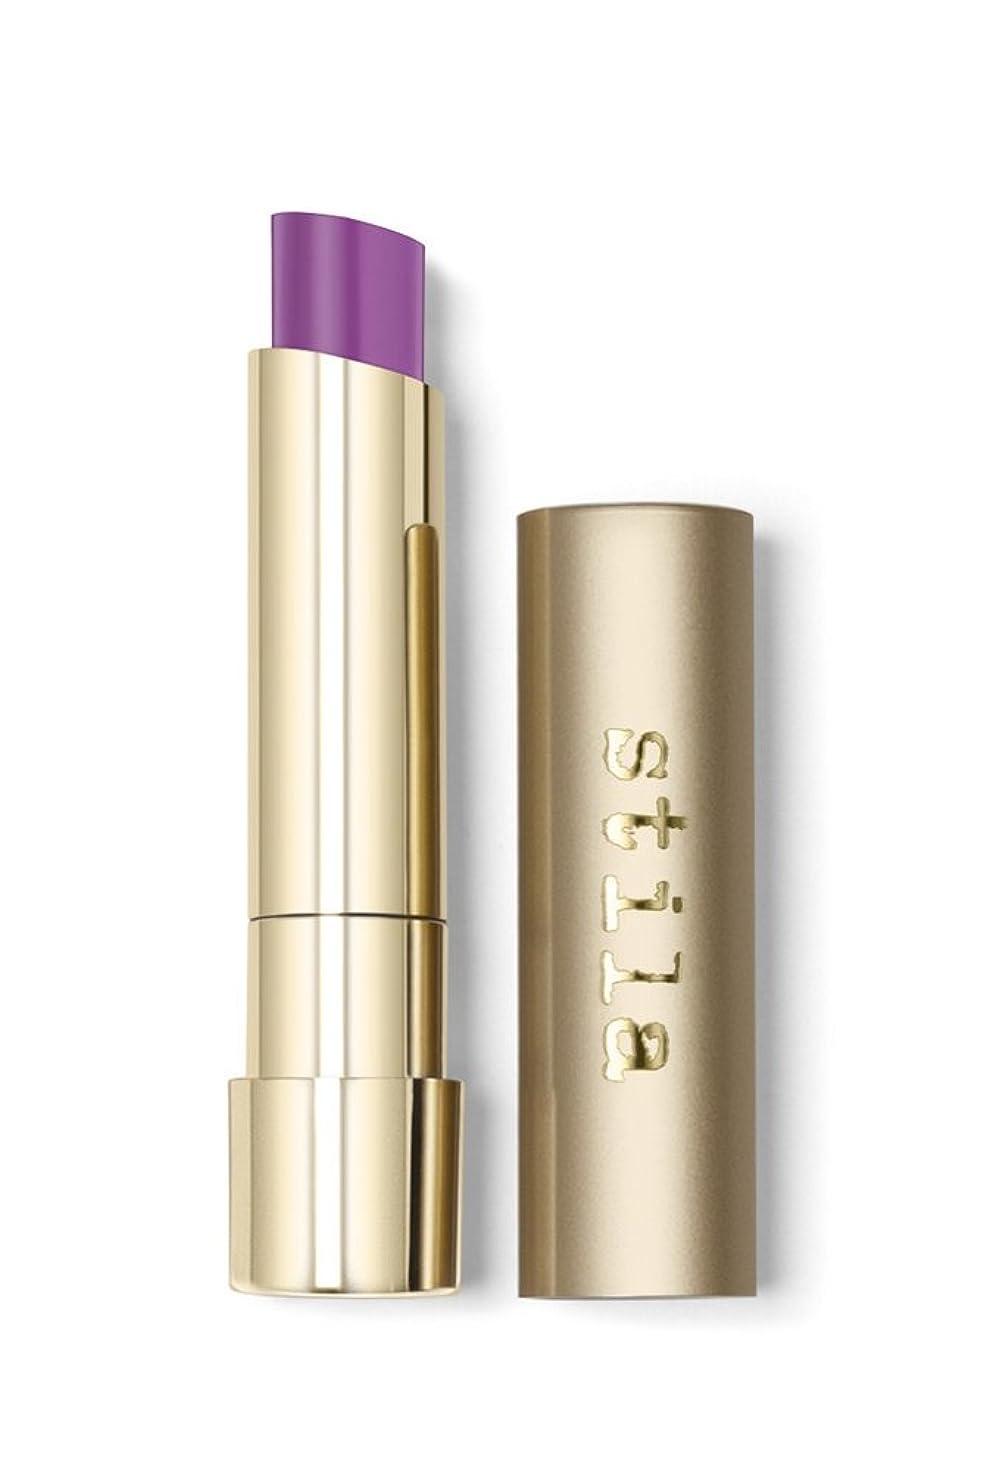 僕の支援する裂け目スティラ Color Balm Lipstick - # Becky (Mid Tone Cool Magenta) 3g/0.1oz並行輸入品